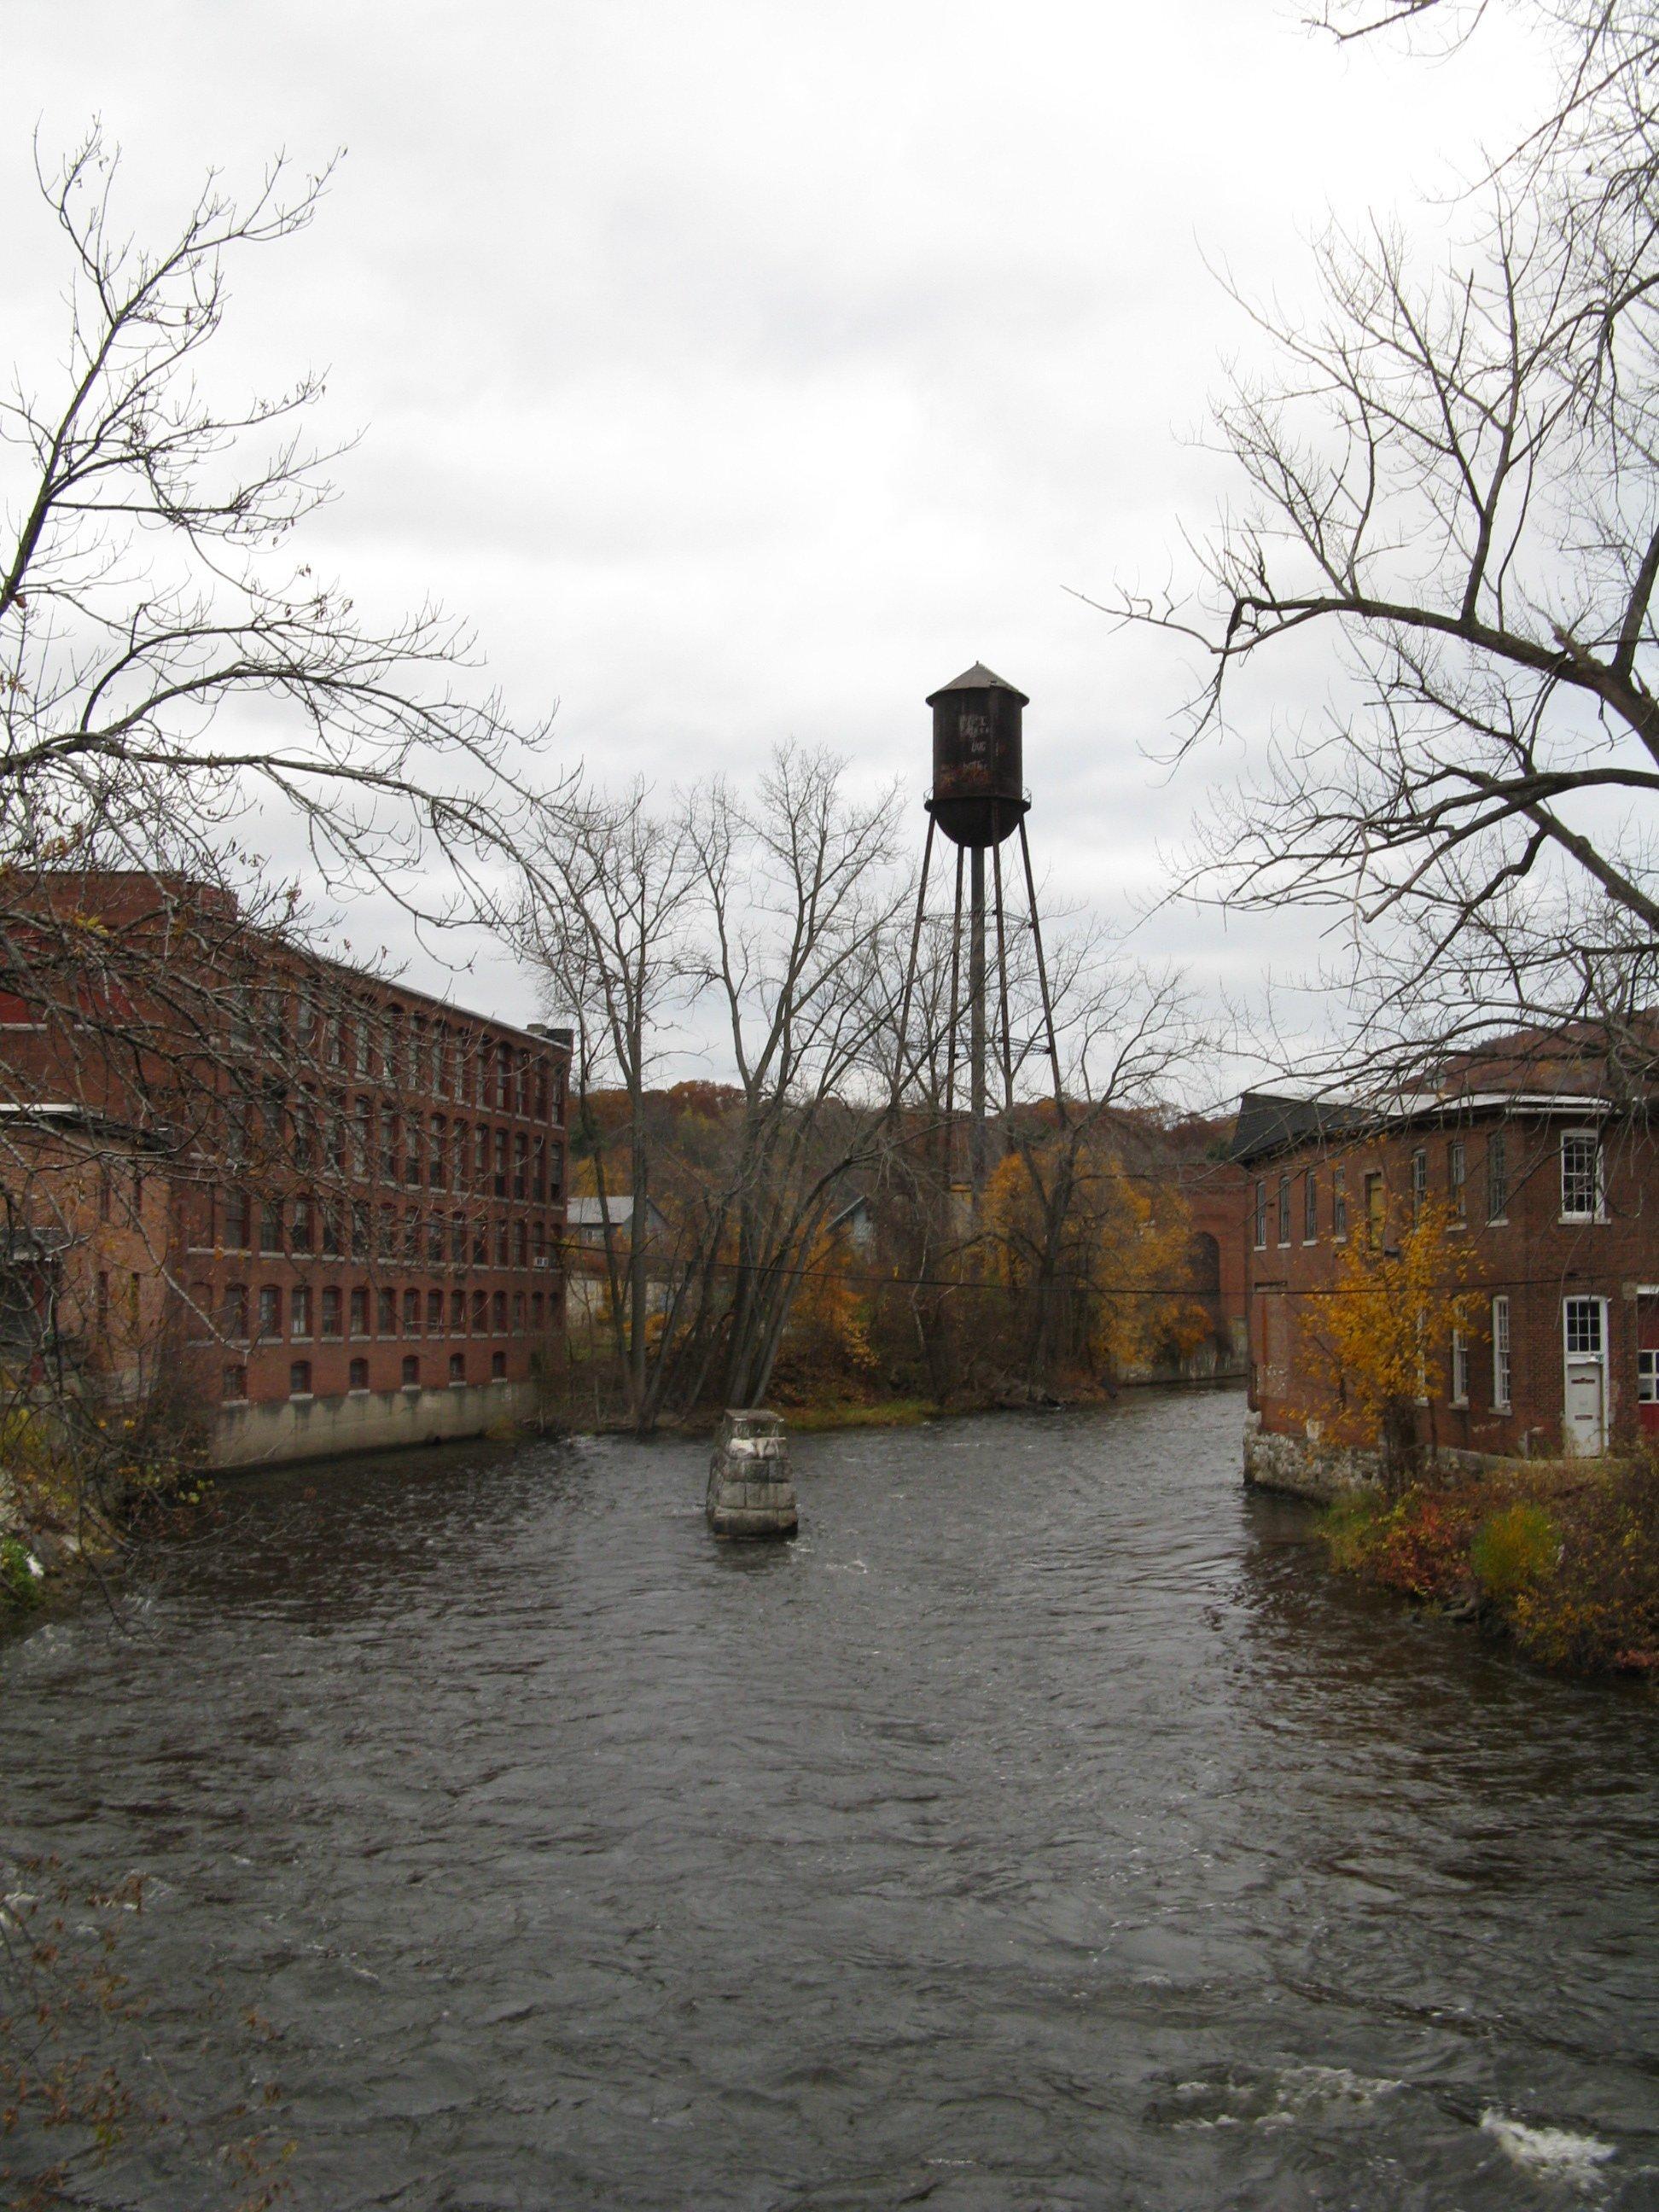 Housatonic Water Tower